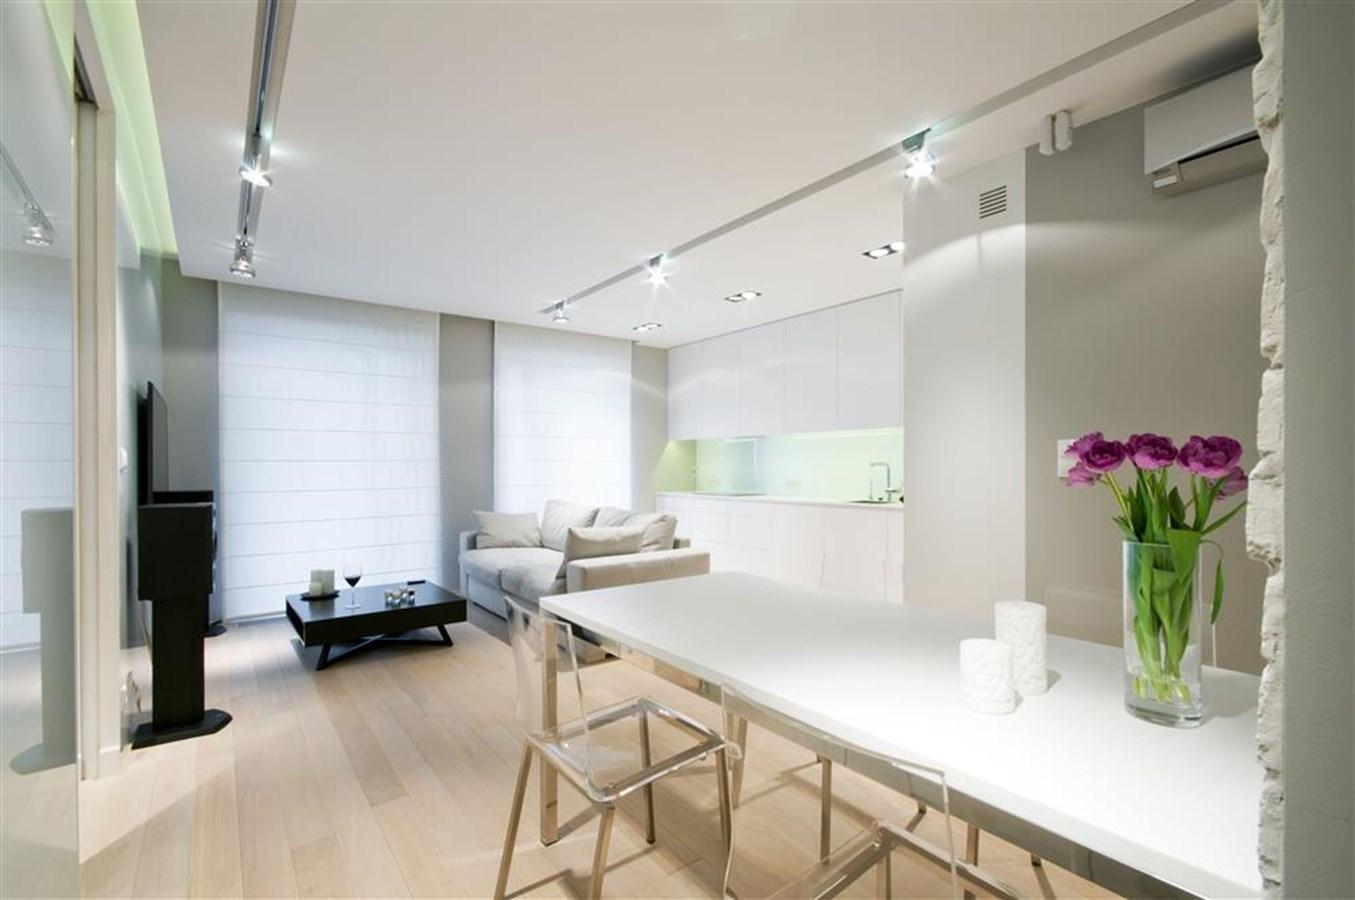 Biały salon połączony z kuchnią i jadalnią HomeSquare -> Kuchnia Poddasze Salon Sypialnia